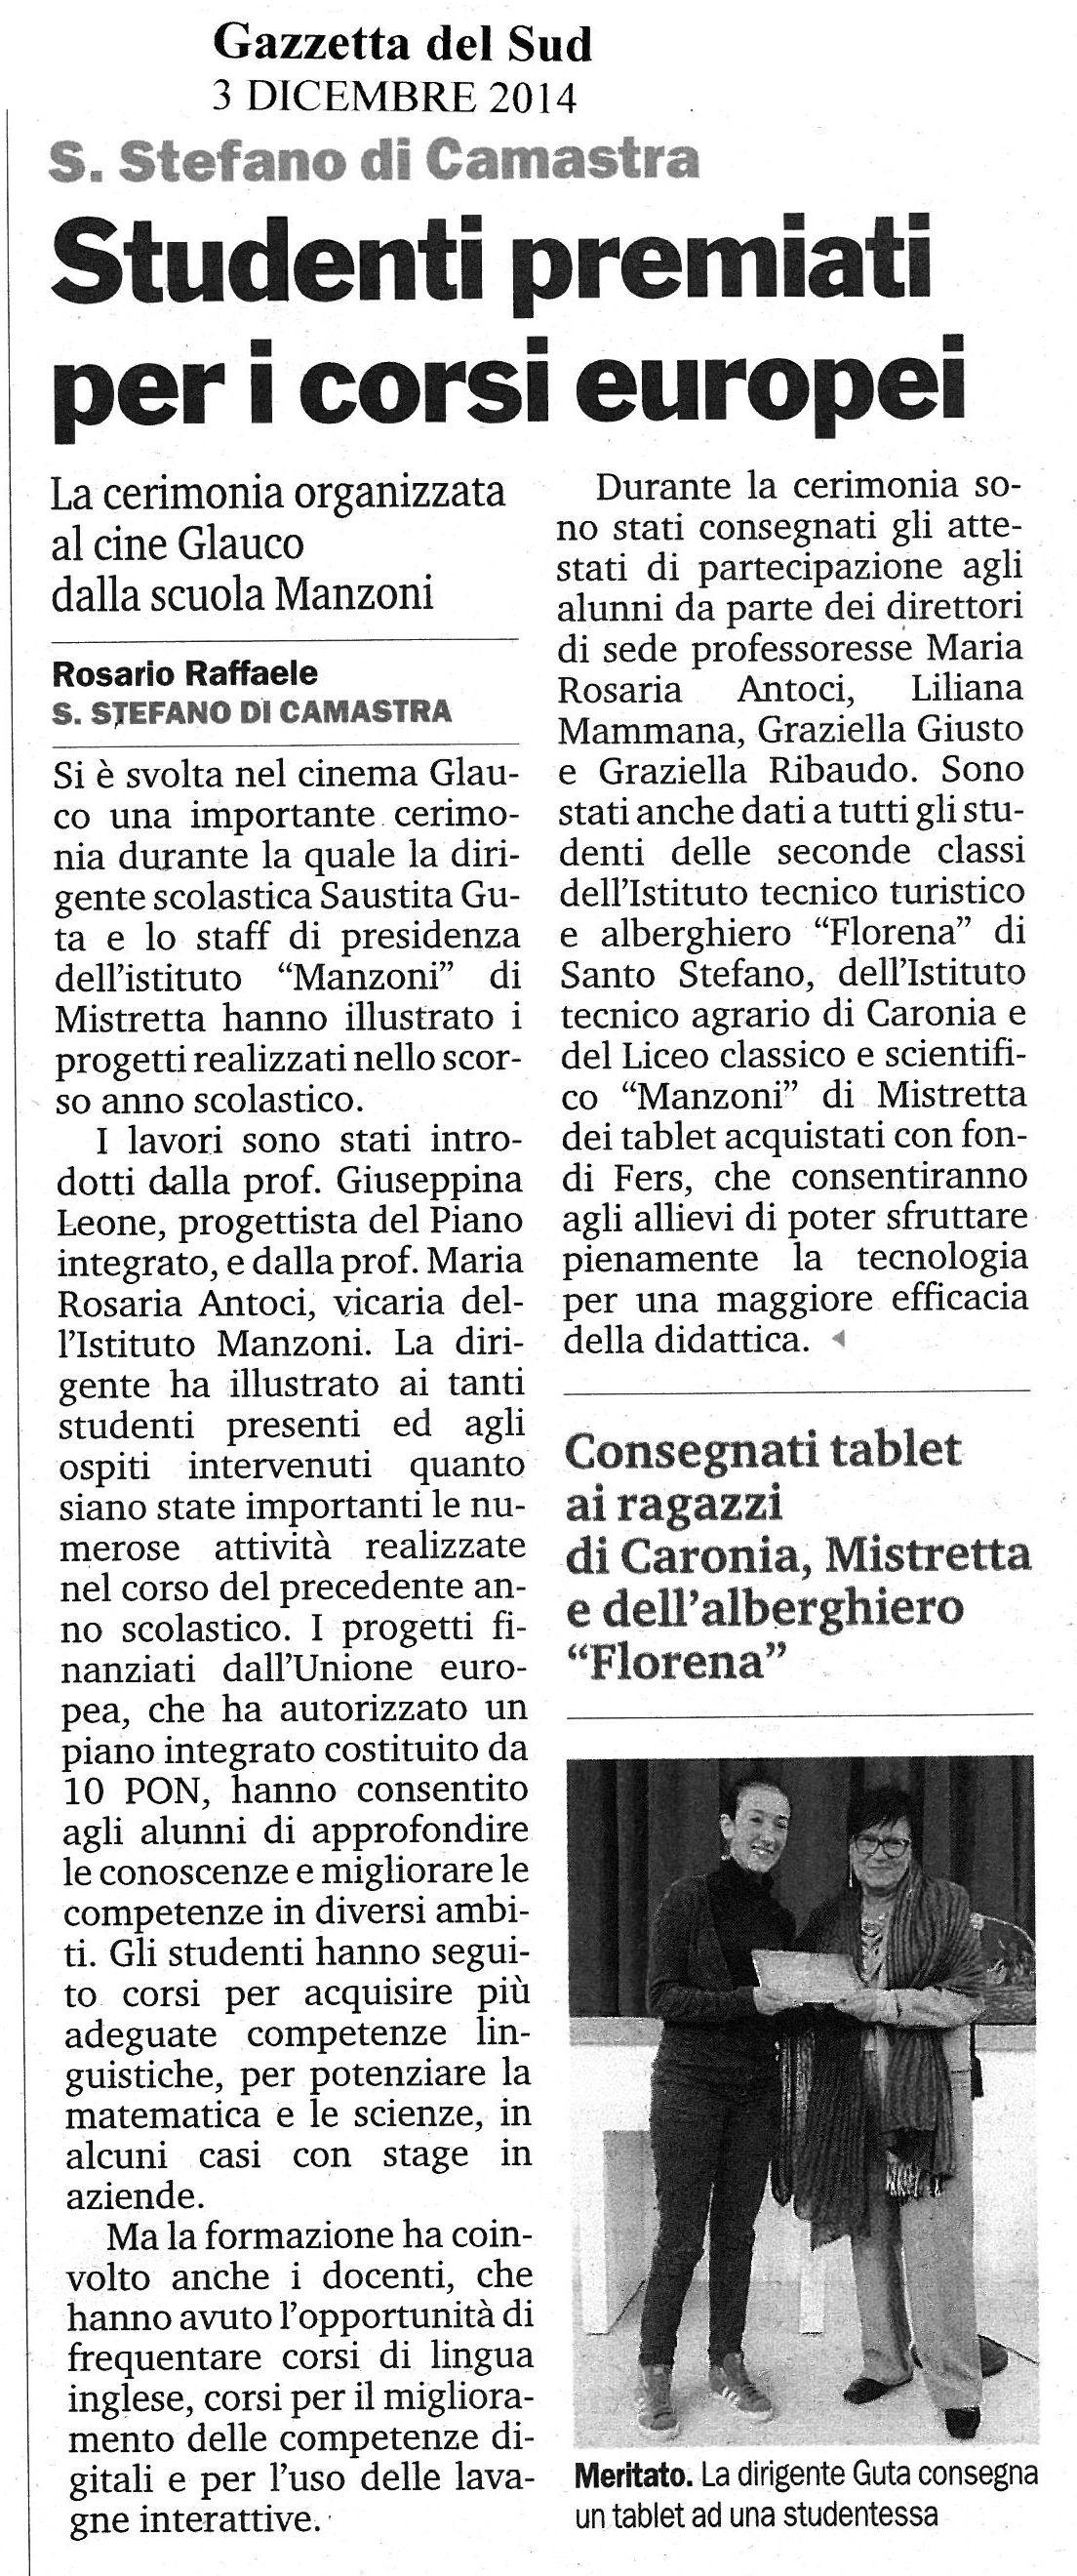 Studenti premiati per i corsi europei